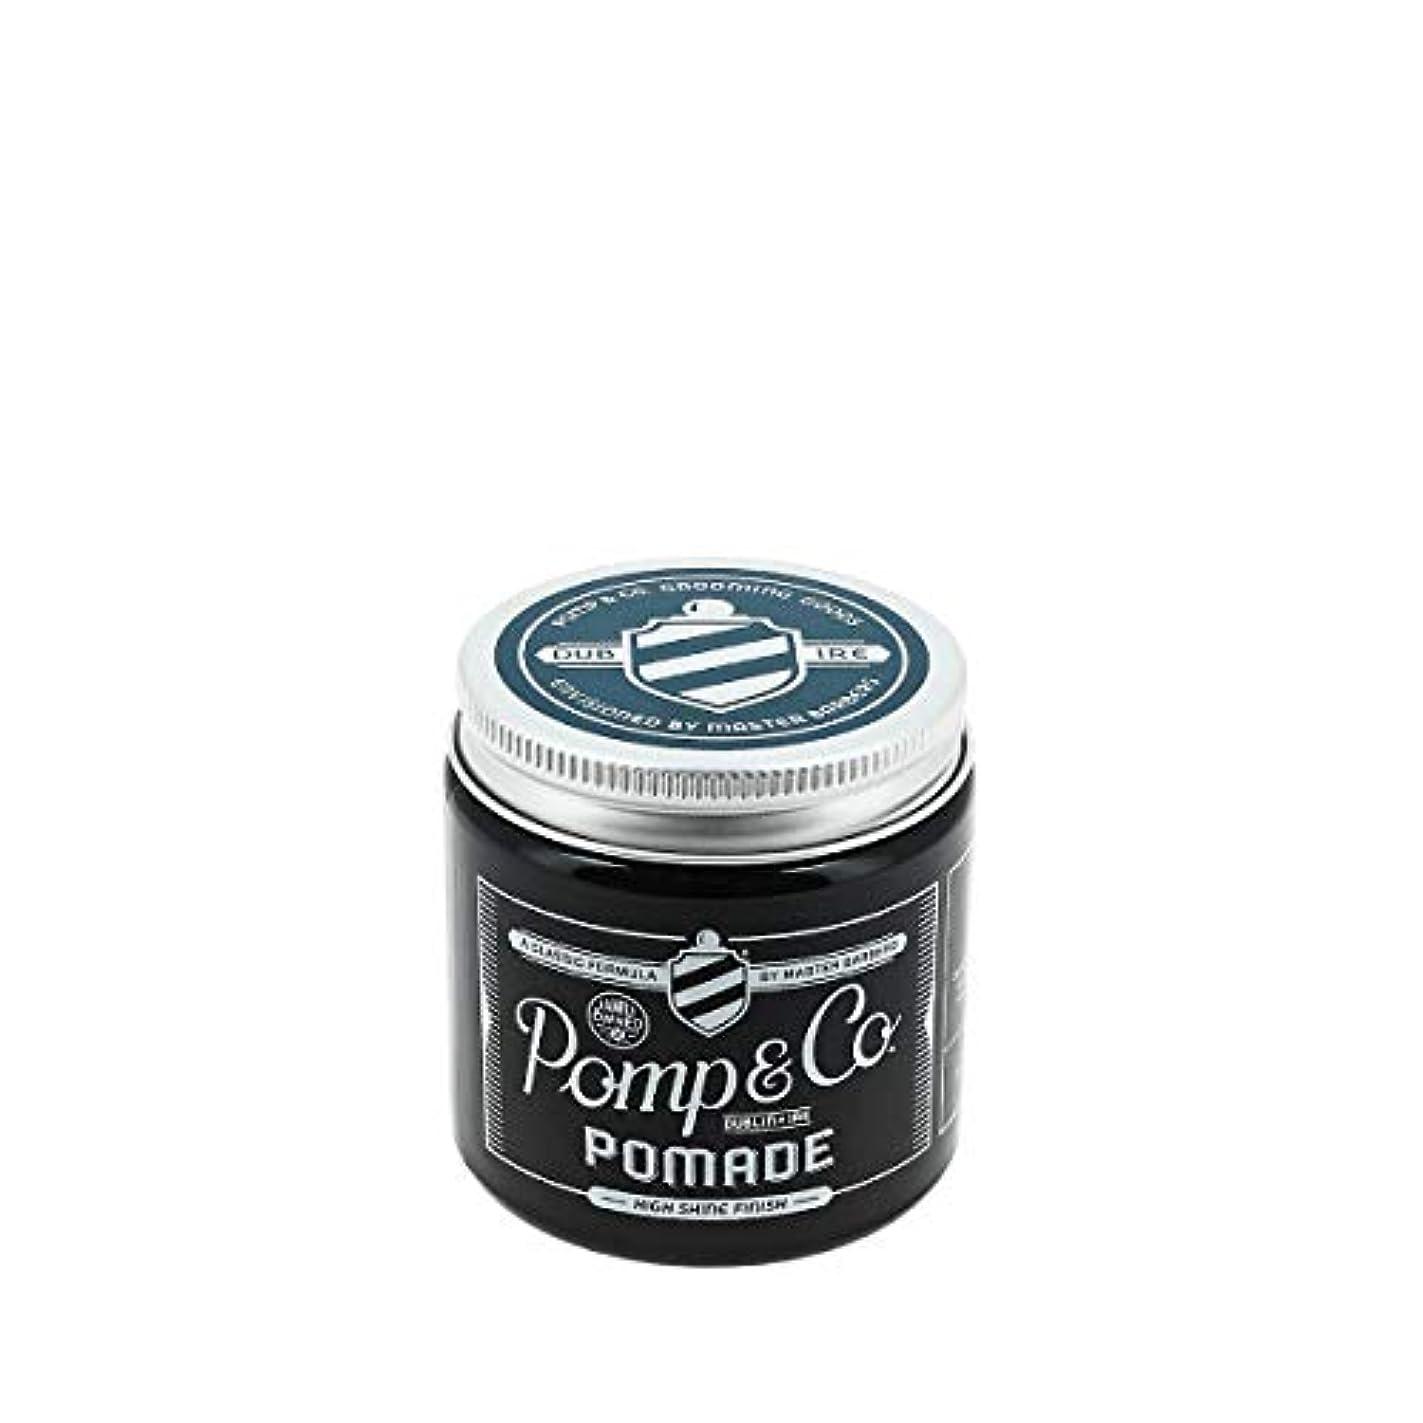 溶接ジョグ繁栄するPomp & Co ポマード 120ml[海外直送品] [並行輸入品]